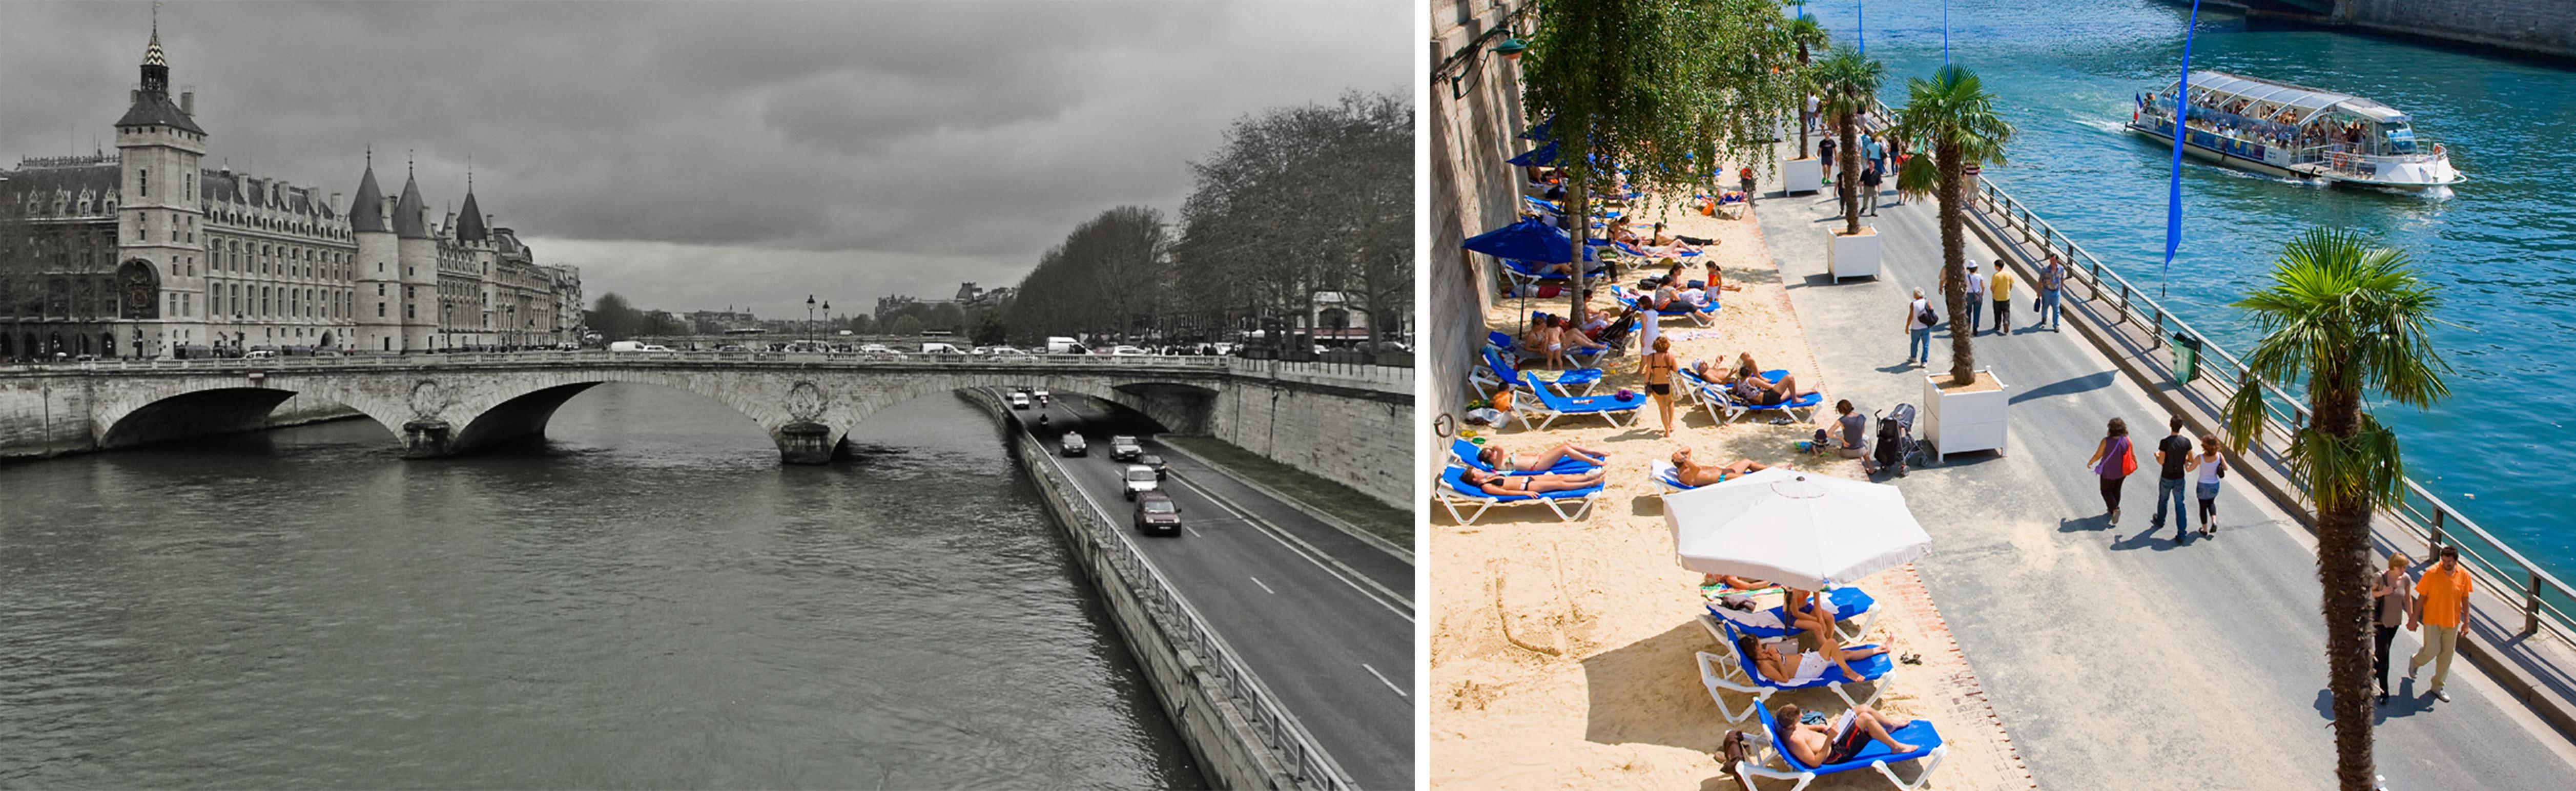 El projecte Réiventer la Seine explora noves solucions per valoritzar el riu com a recurs al llarg de tot el recorregut fins al port de Le Havre. http://www.reinventerlaseine.fr/fr/presse/